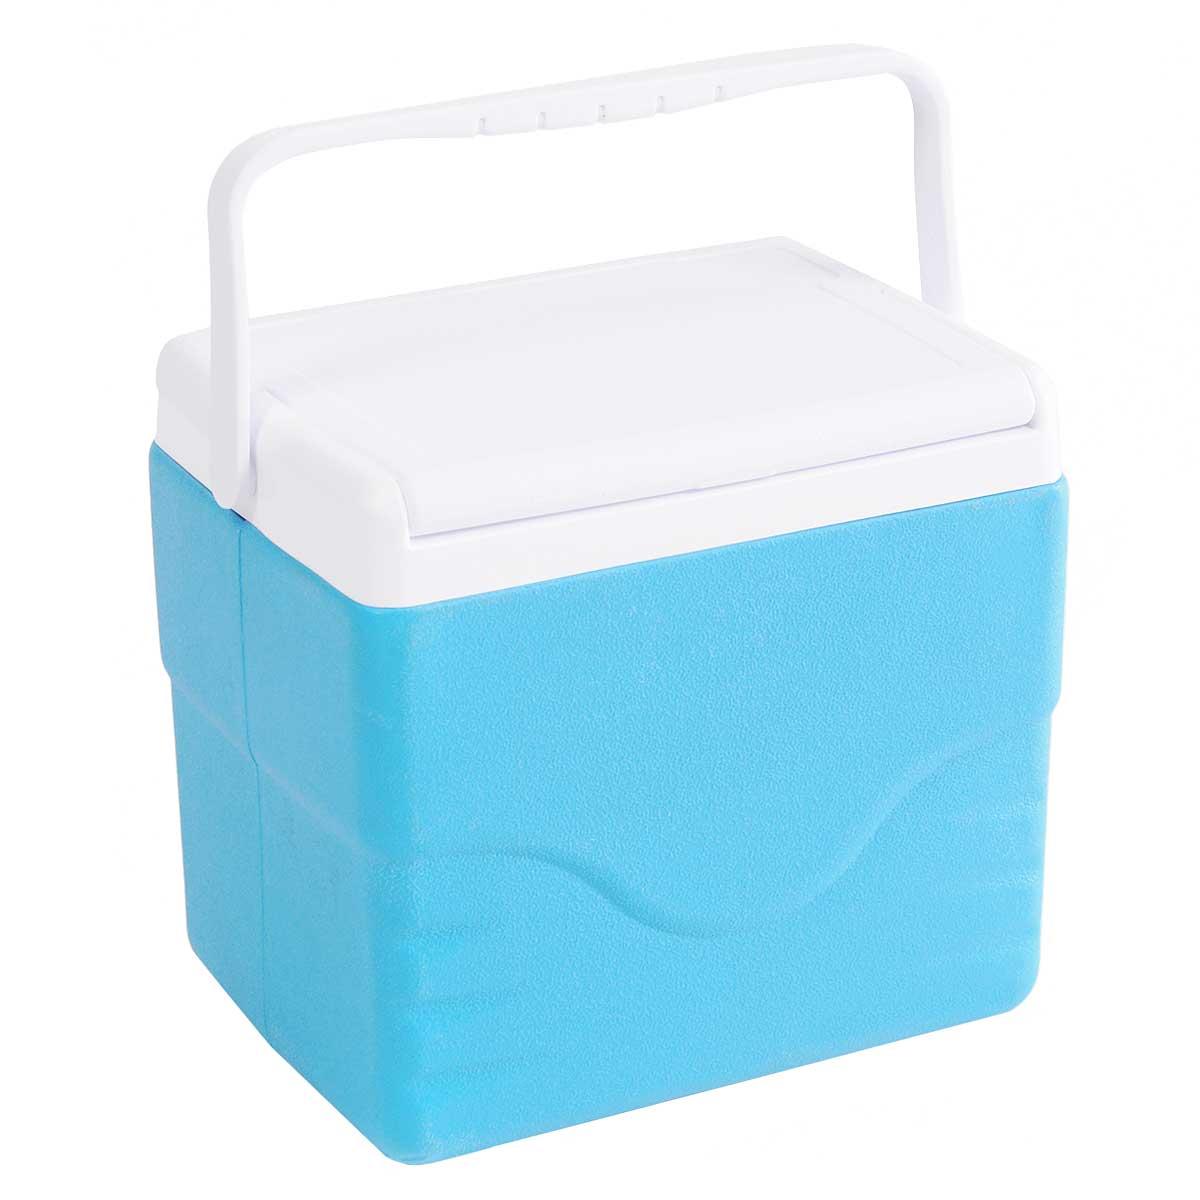 Контейнер изотермический Green Glade, цвет: голубой, 9 л9103500790Легкий и прочный изотермический контейнер Green Glade предназначен для хранения и транспортировки охлажденных и скоропортящихся продуктов питания и напитков. Корпус и крышка контейнера изготовлены из высококачественного полипропилена. Между двойными стенками находится термоизоляционный слой из пенополистирола, который обеспечивает сохранение температуры. При использовании аккумулятора холода, контейнер обеспечивает сохранение продуктов холодными на 8-10 часов. Подвижная ручка делает более удобной переноску контейнера. Крышка может использоваться как столик или как поднос.